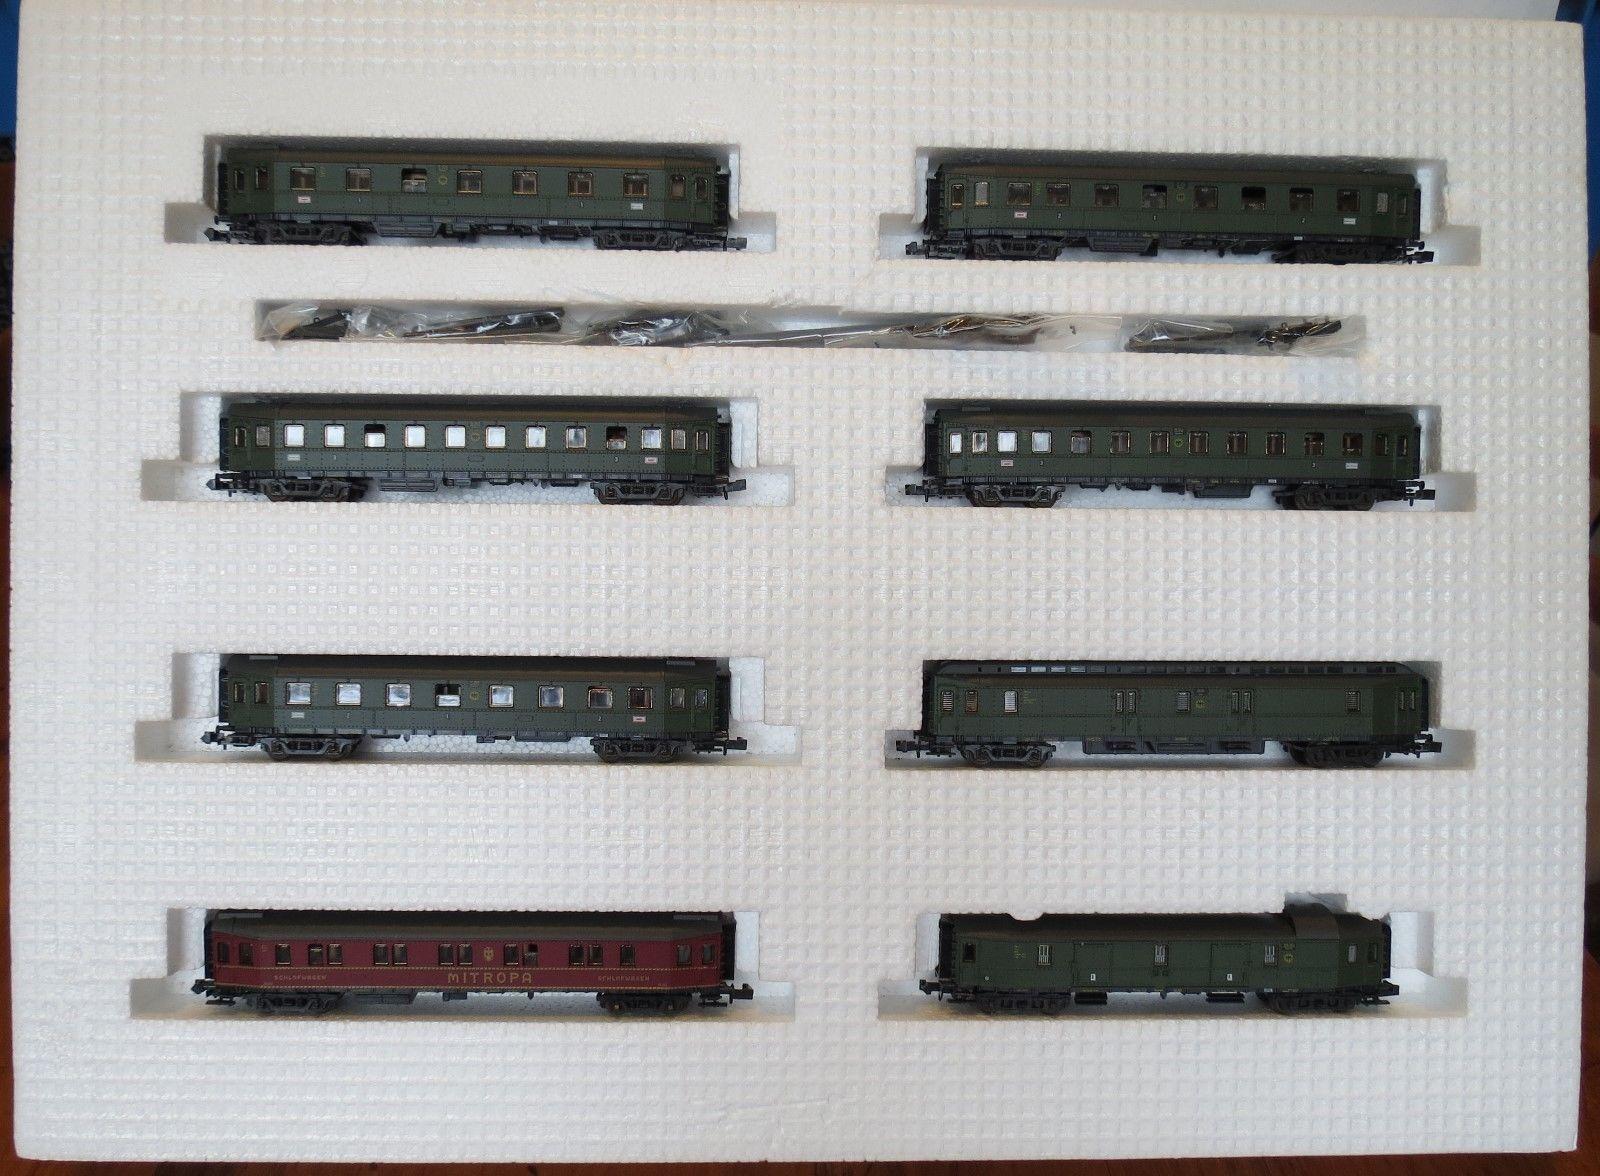 N Scale - Roco - 02062S - Passenger Car, DRG, Hechtwagen Pike Car - Deutsche Reichsbahn - 8-Pack